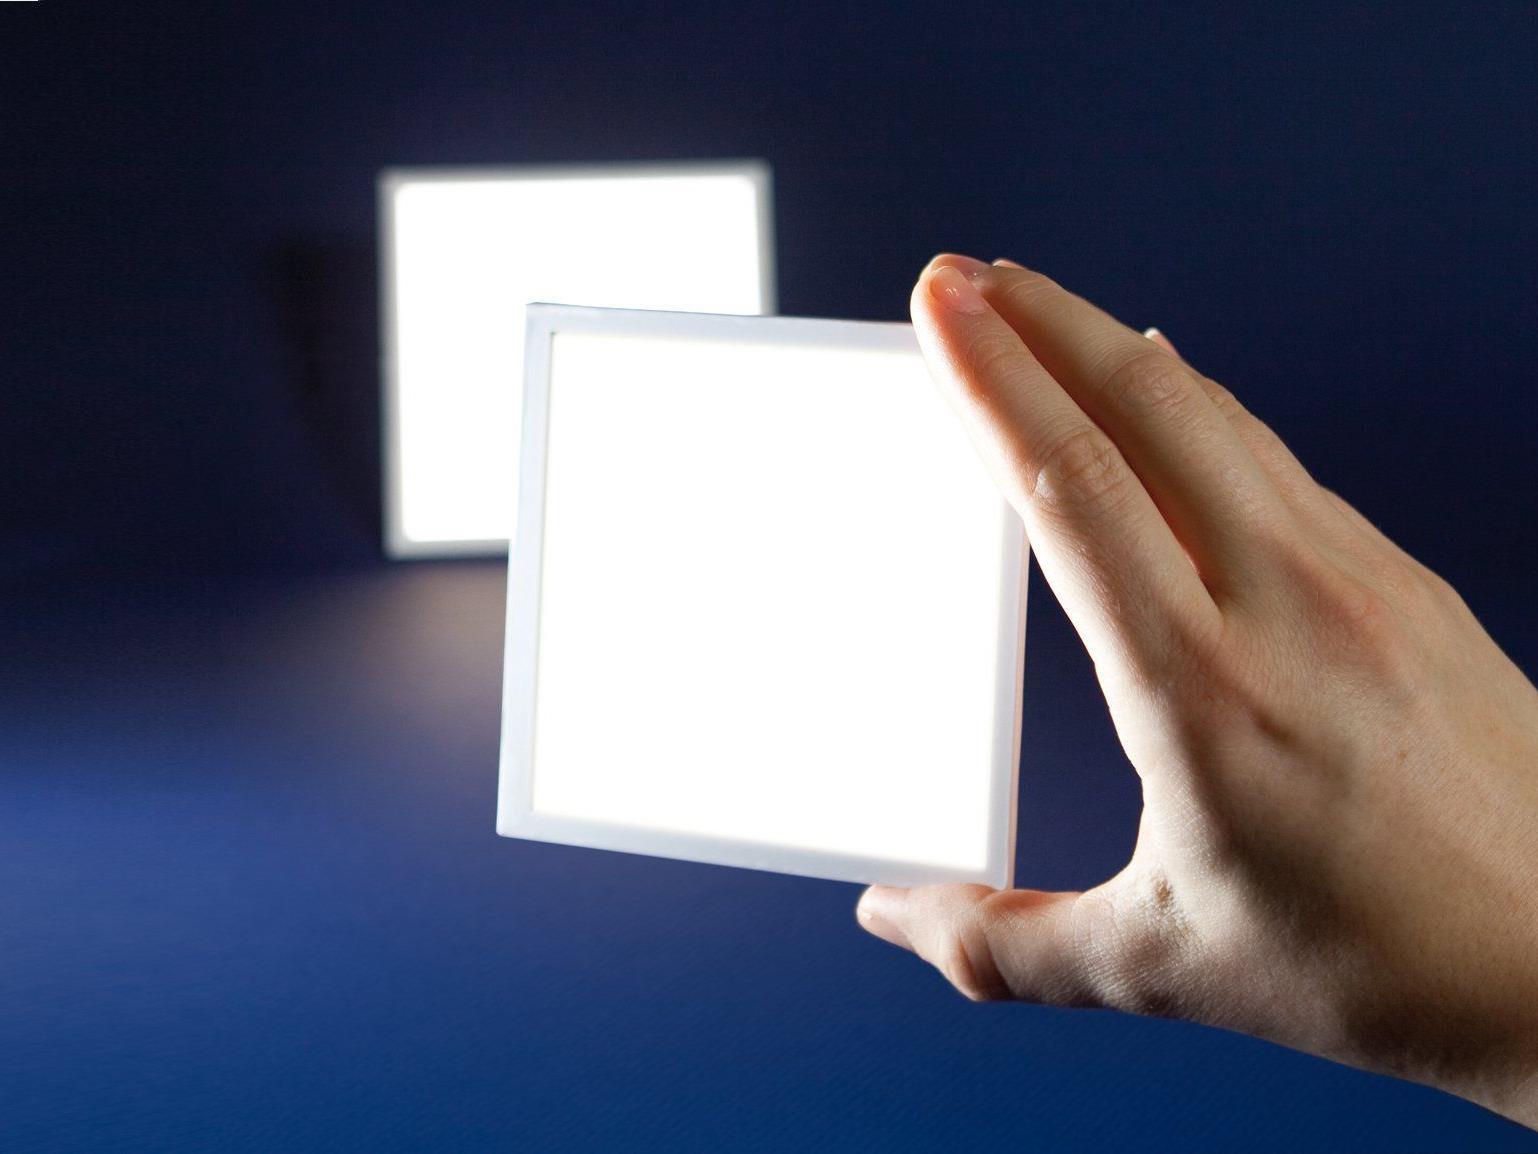 Das OLED-Modul LUREON REP ist das derzeit weltweit leistungsstärkste OLED-Lichtmodul für die professionelle Beleuchtung